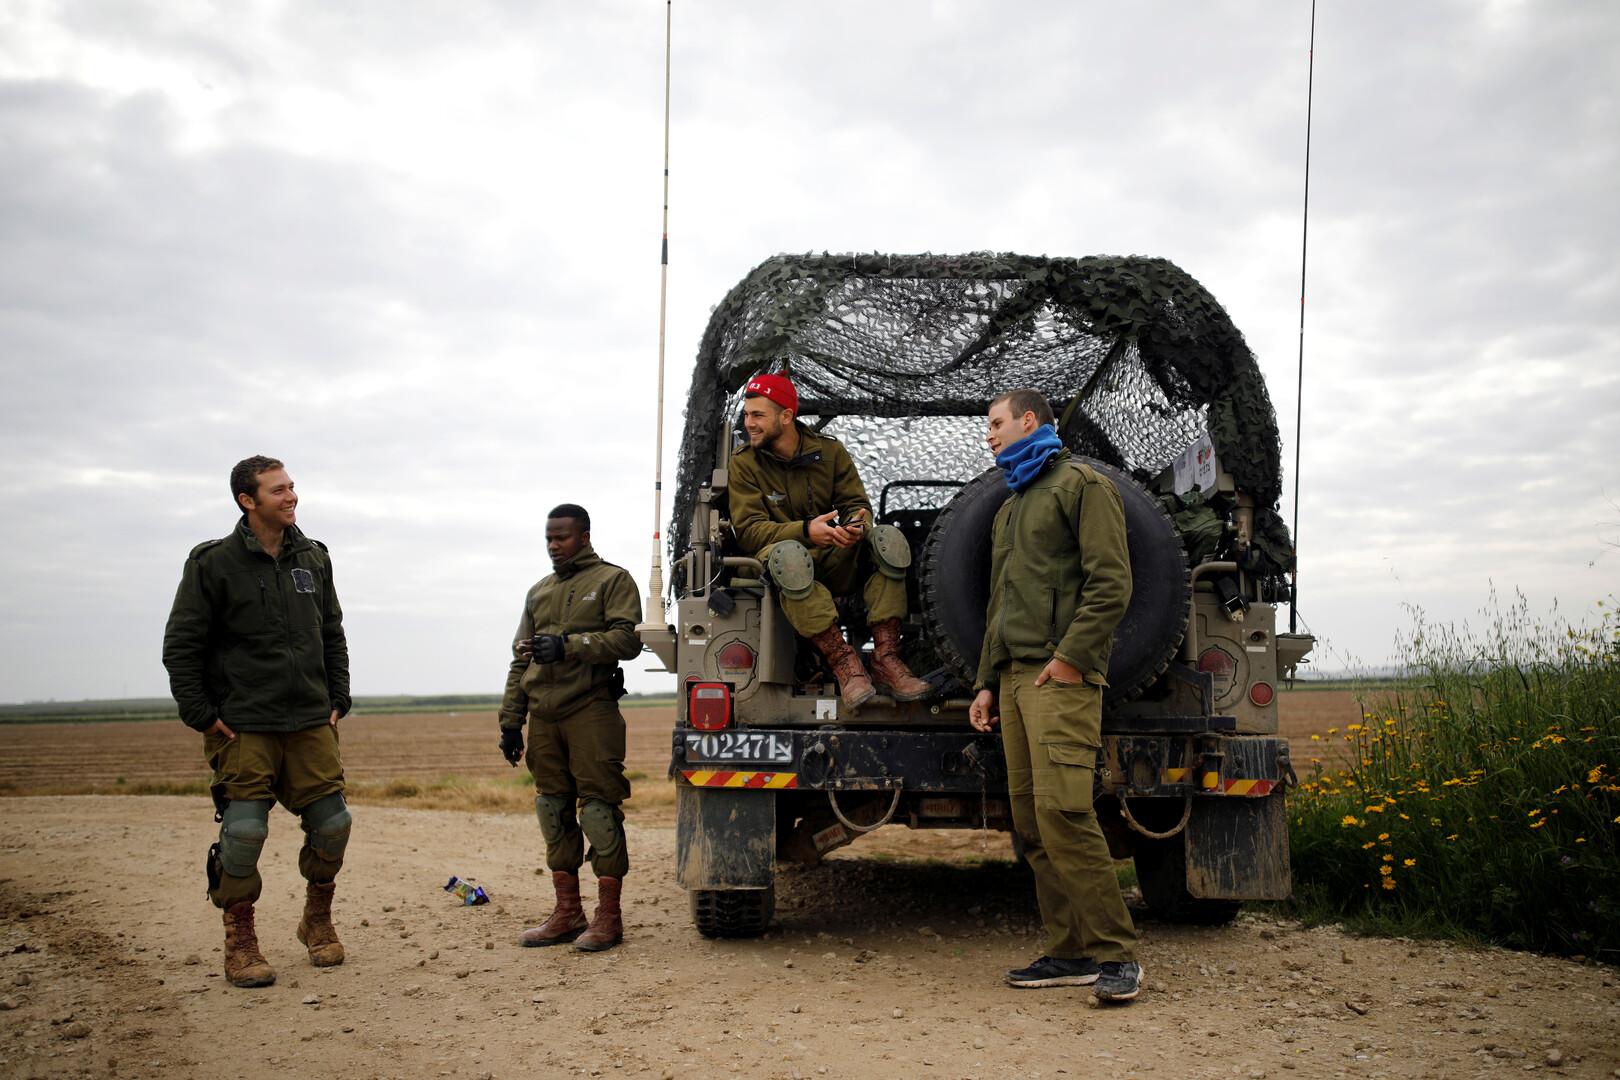 إصابة جندي إسرائيلي جراء اشتباكات عنيفة مع مستوطنين في الضفة